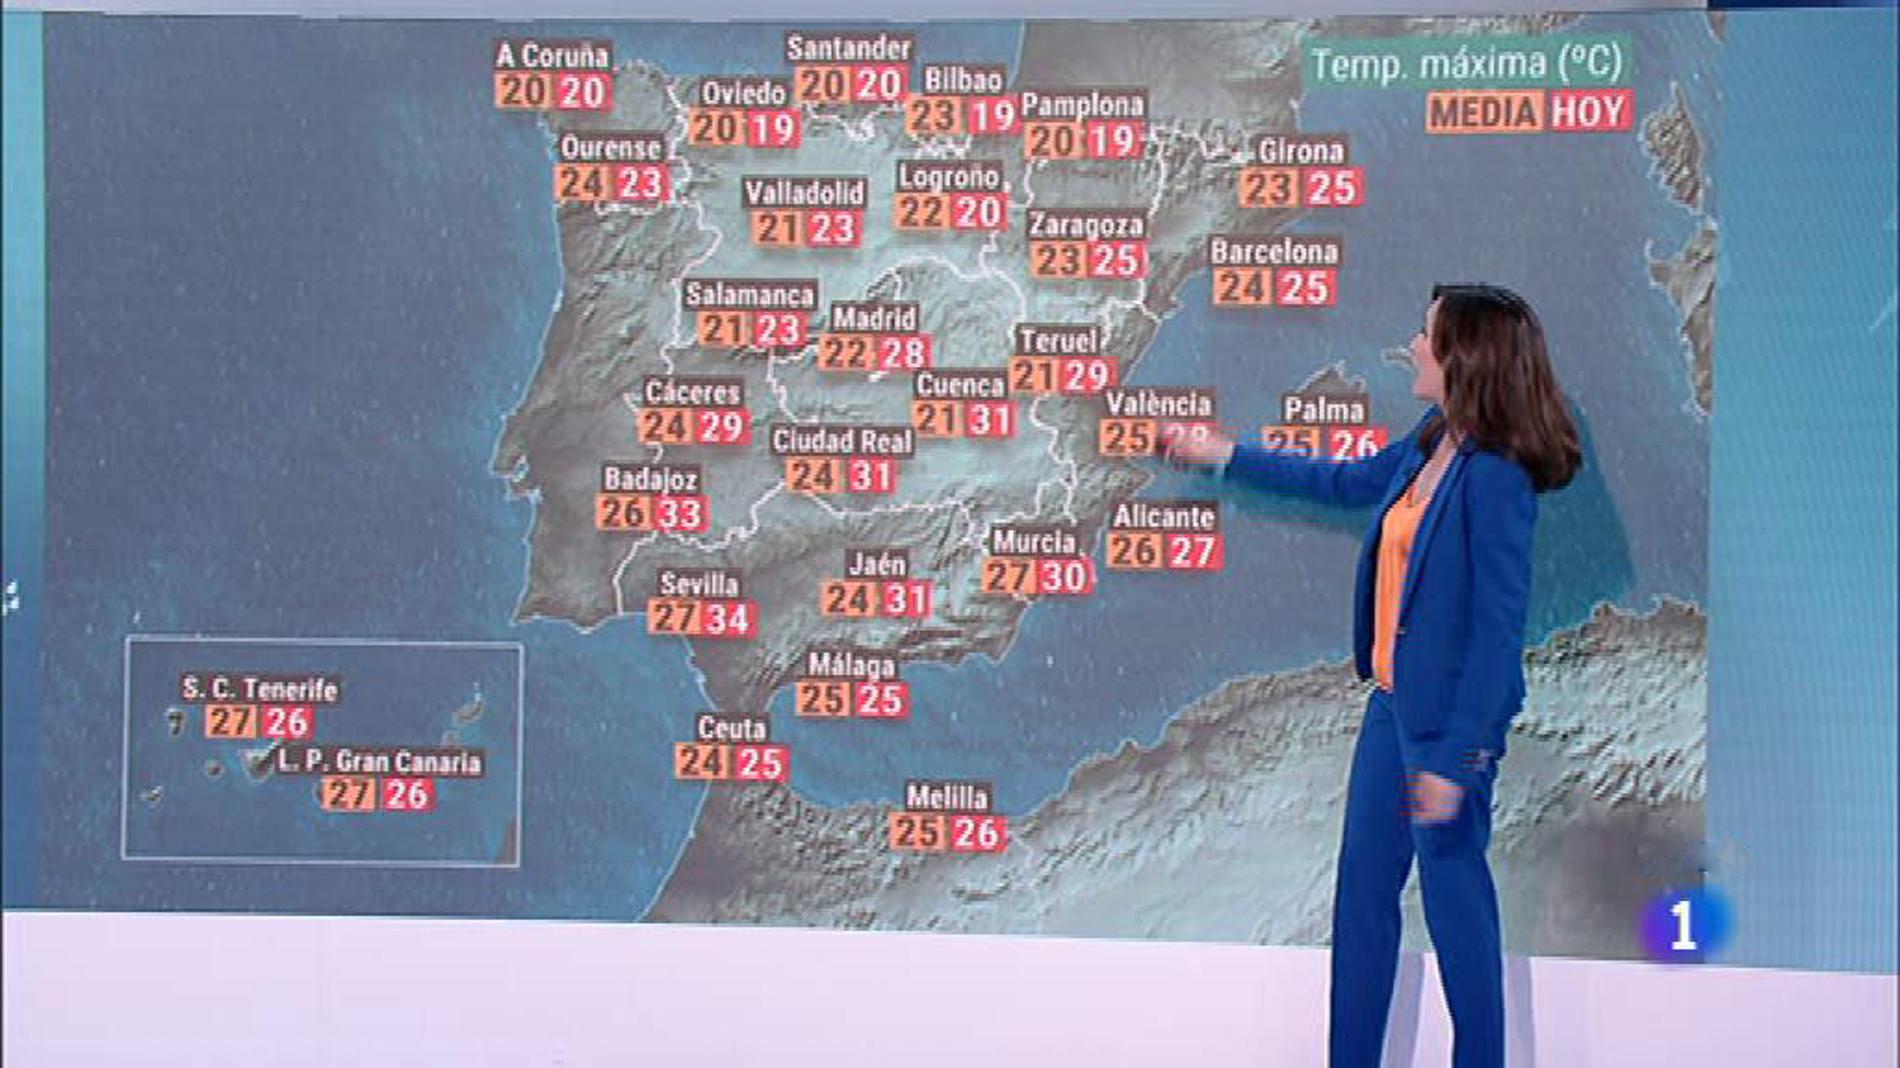 El Tiempo Bajada De Temperaturas En El Norte Peninsular Y Extremadura Y Sin Cambios En El Resto Rtve Es